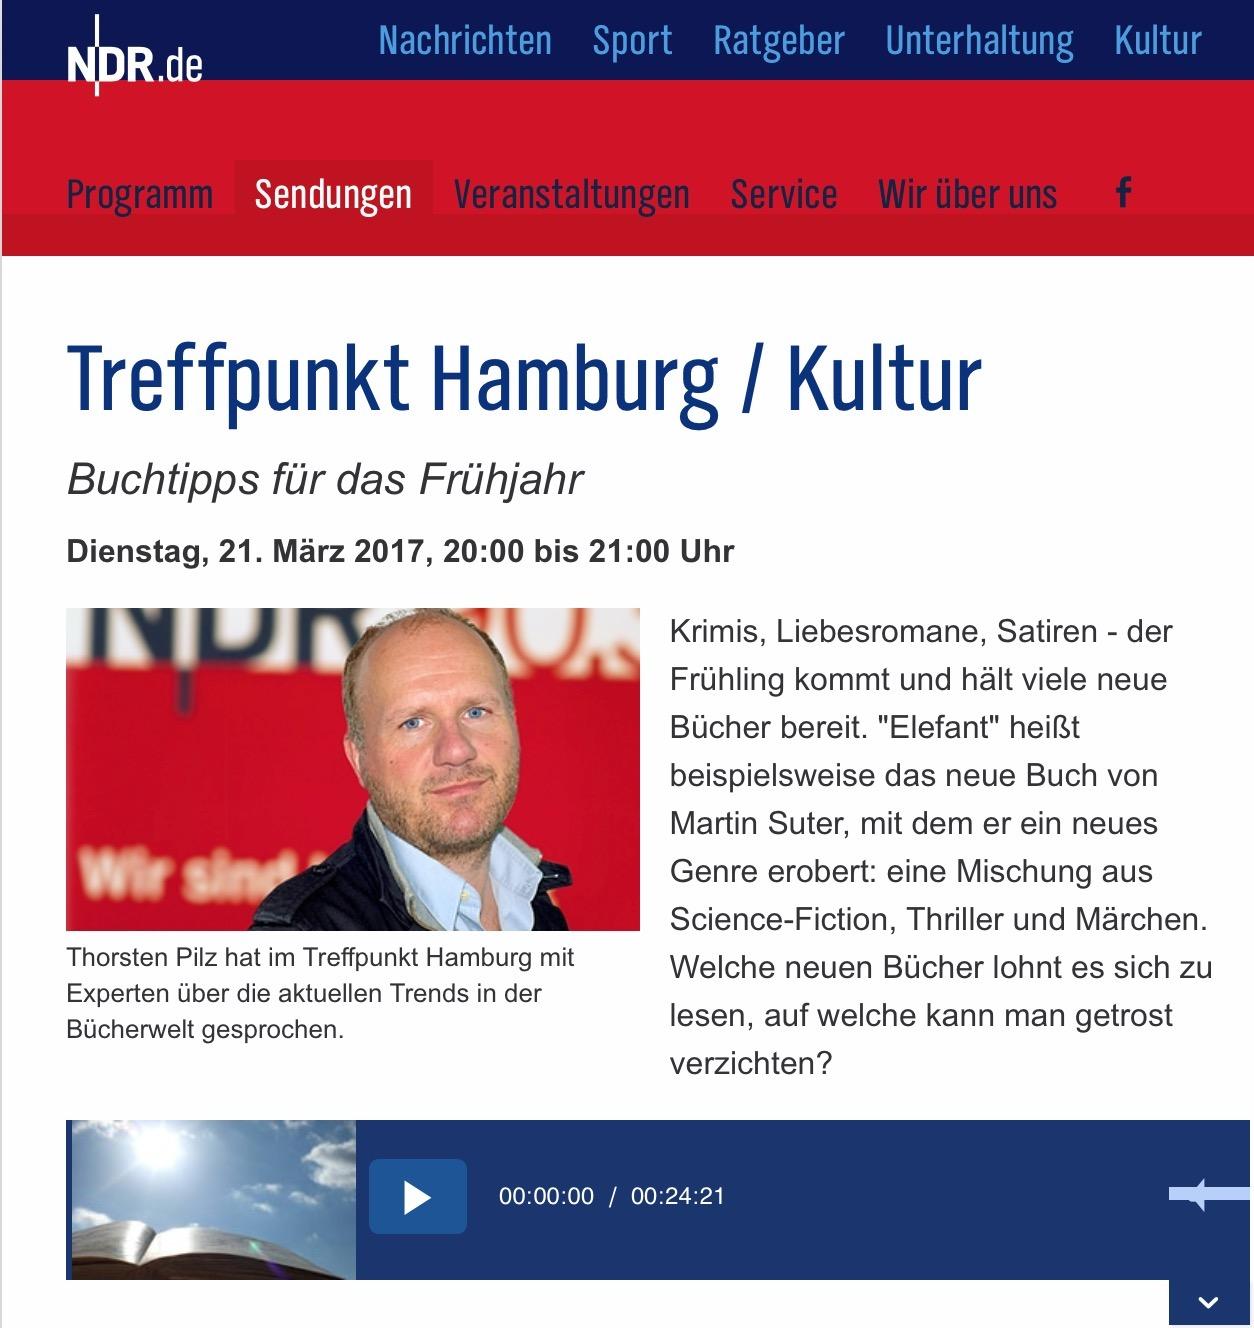 Buchtipps zum Frühjahr – jetzt die komplette Leseliste von @Harald Butz und @Barbara Heine: https://www.ndr.de/903/sendungen/treffpunkt_hamburg/Buchtipps-fuer-Fruehjahr,sendung625242.html #ndr #ndr903 #treffpunkthamburg #kultur #heinekomm